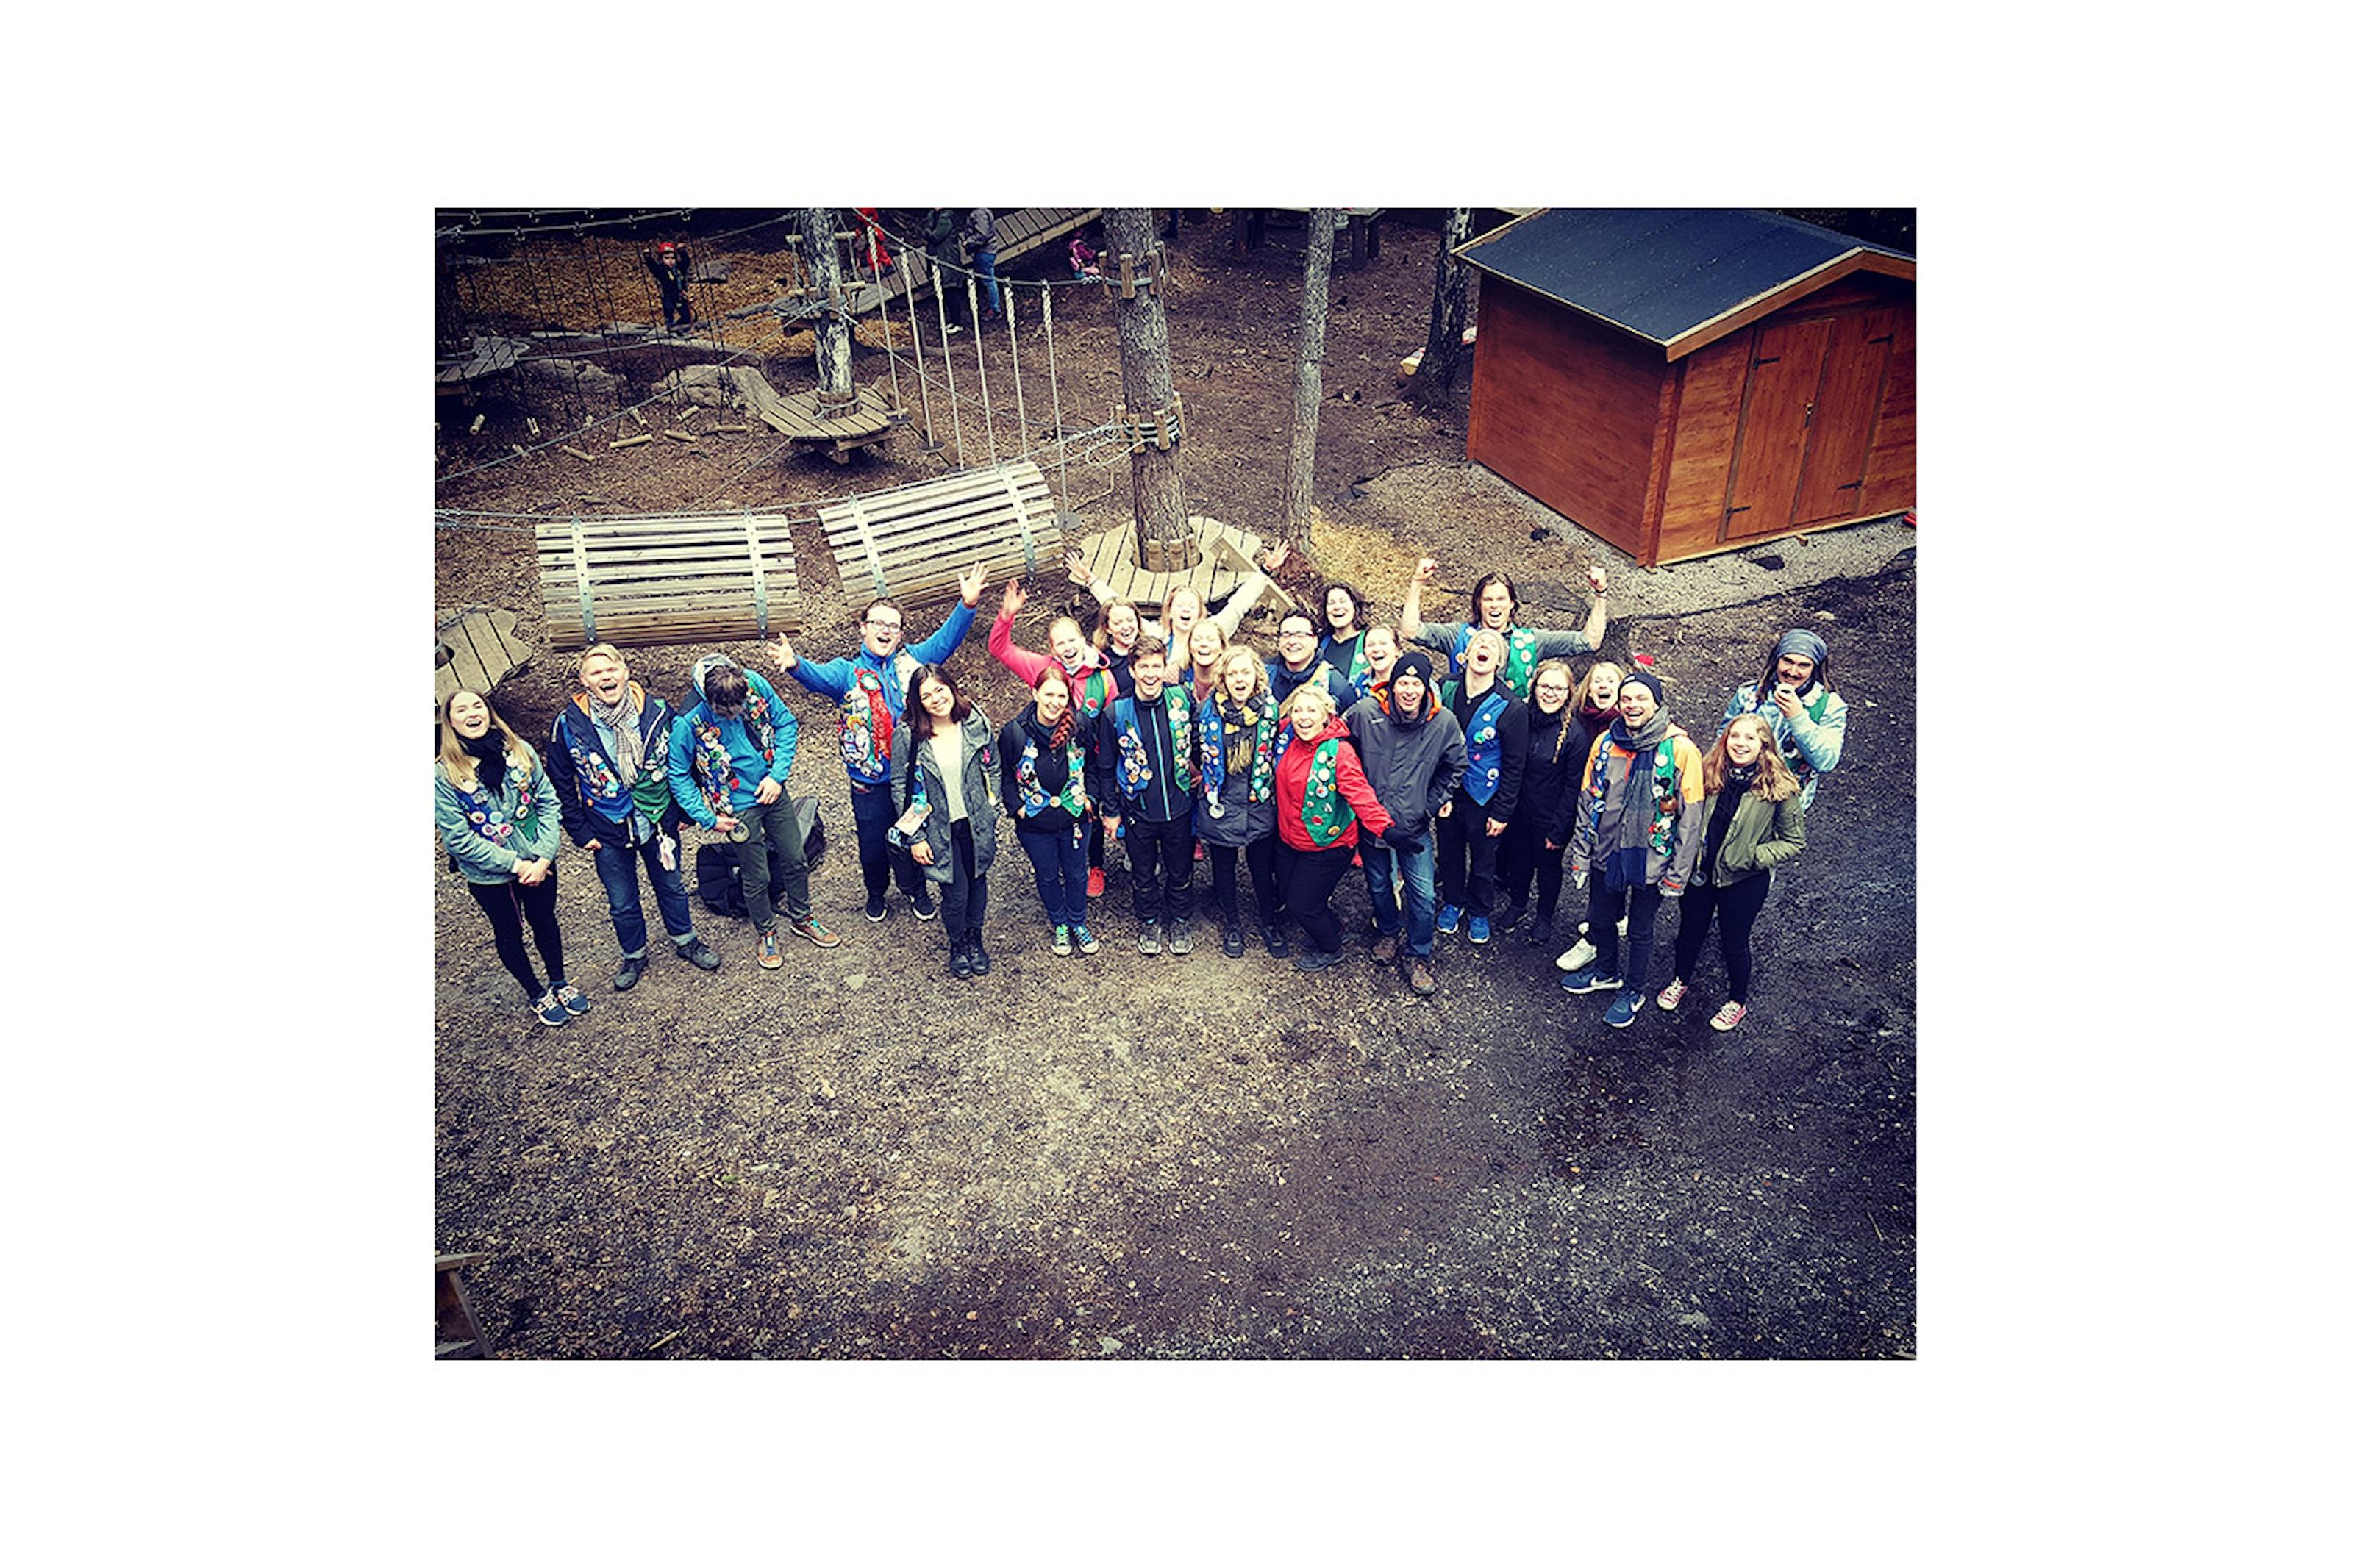 Eksklusivt 3-dagers førjulstilbud hos Oslo Klatrepark i Groruddalen